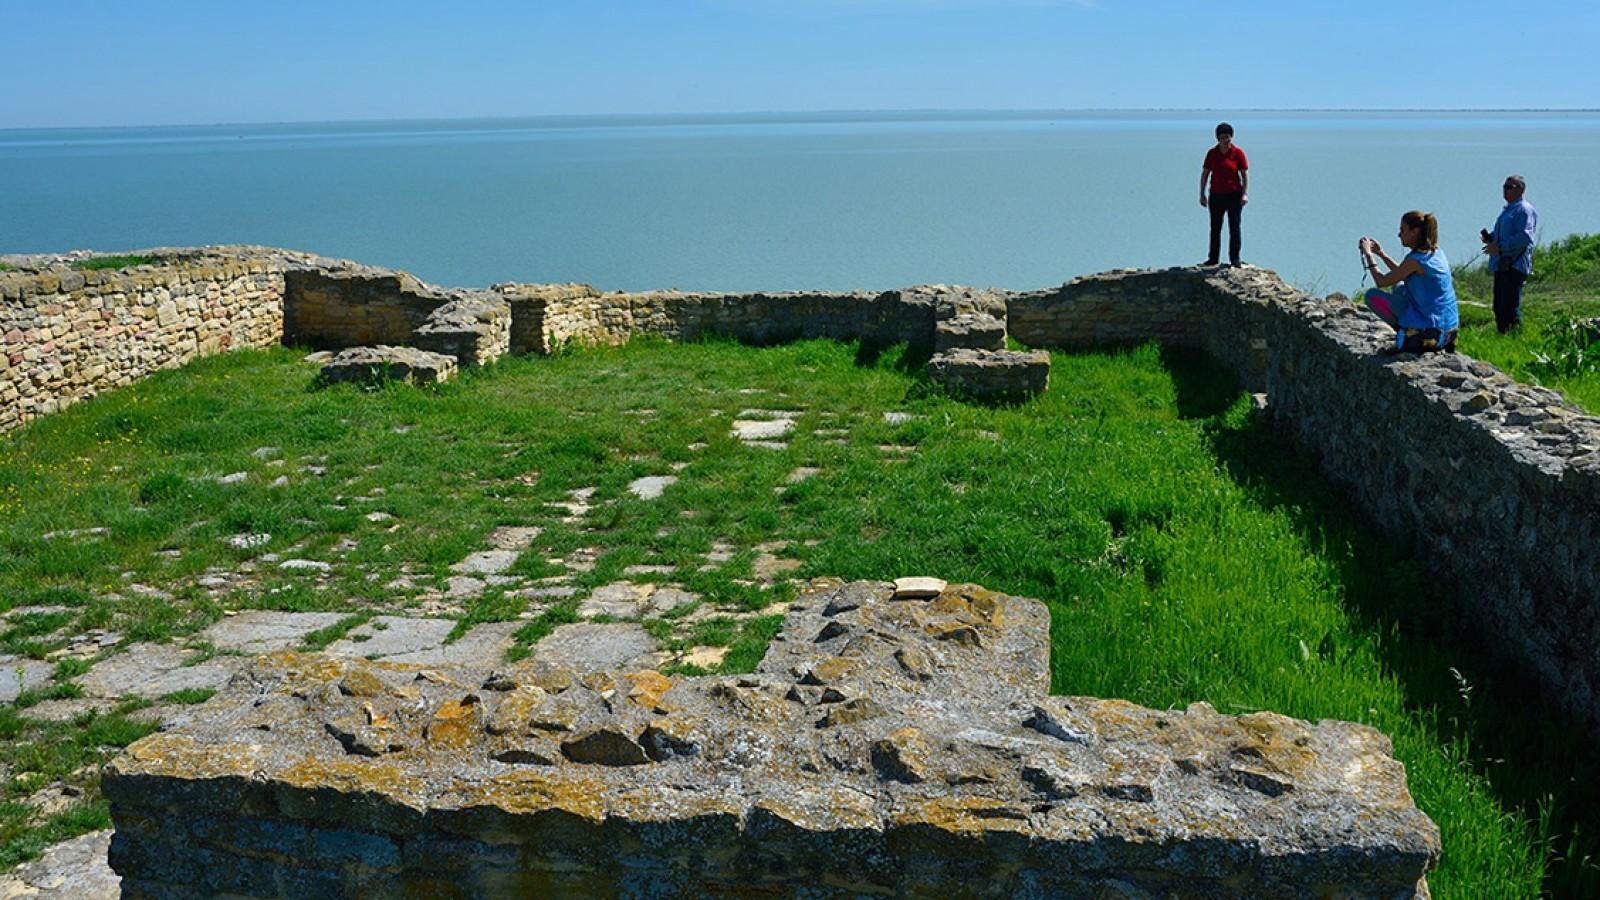 Excursie de o zi în Dobrogea 3 Cetăți - Enisala, Argamum, Histria - Privat